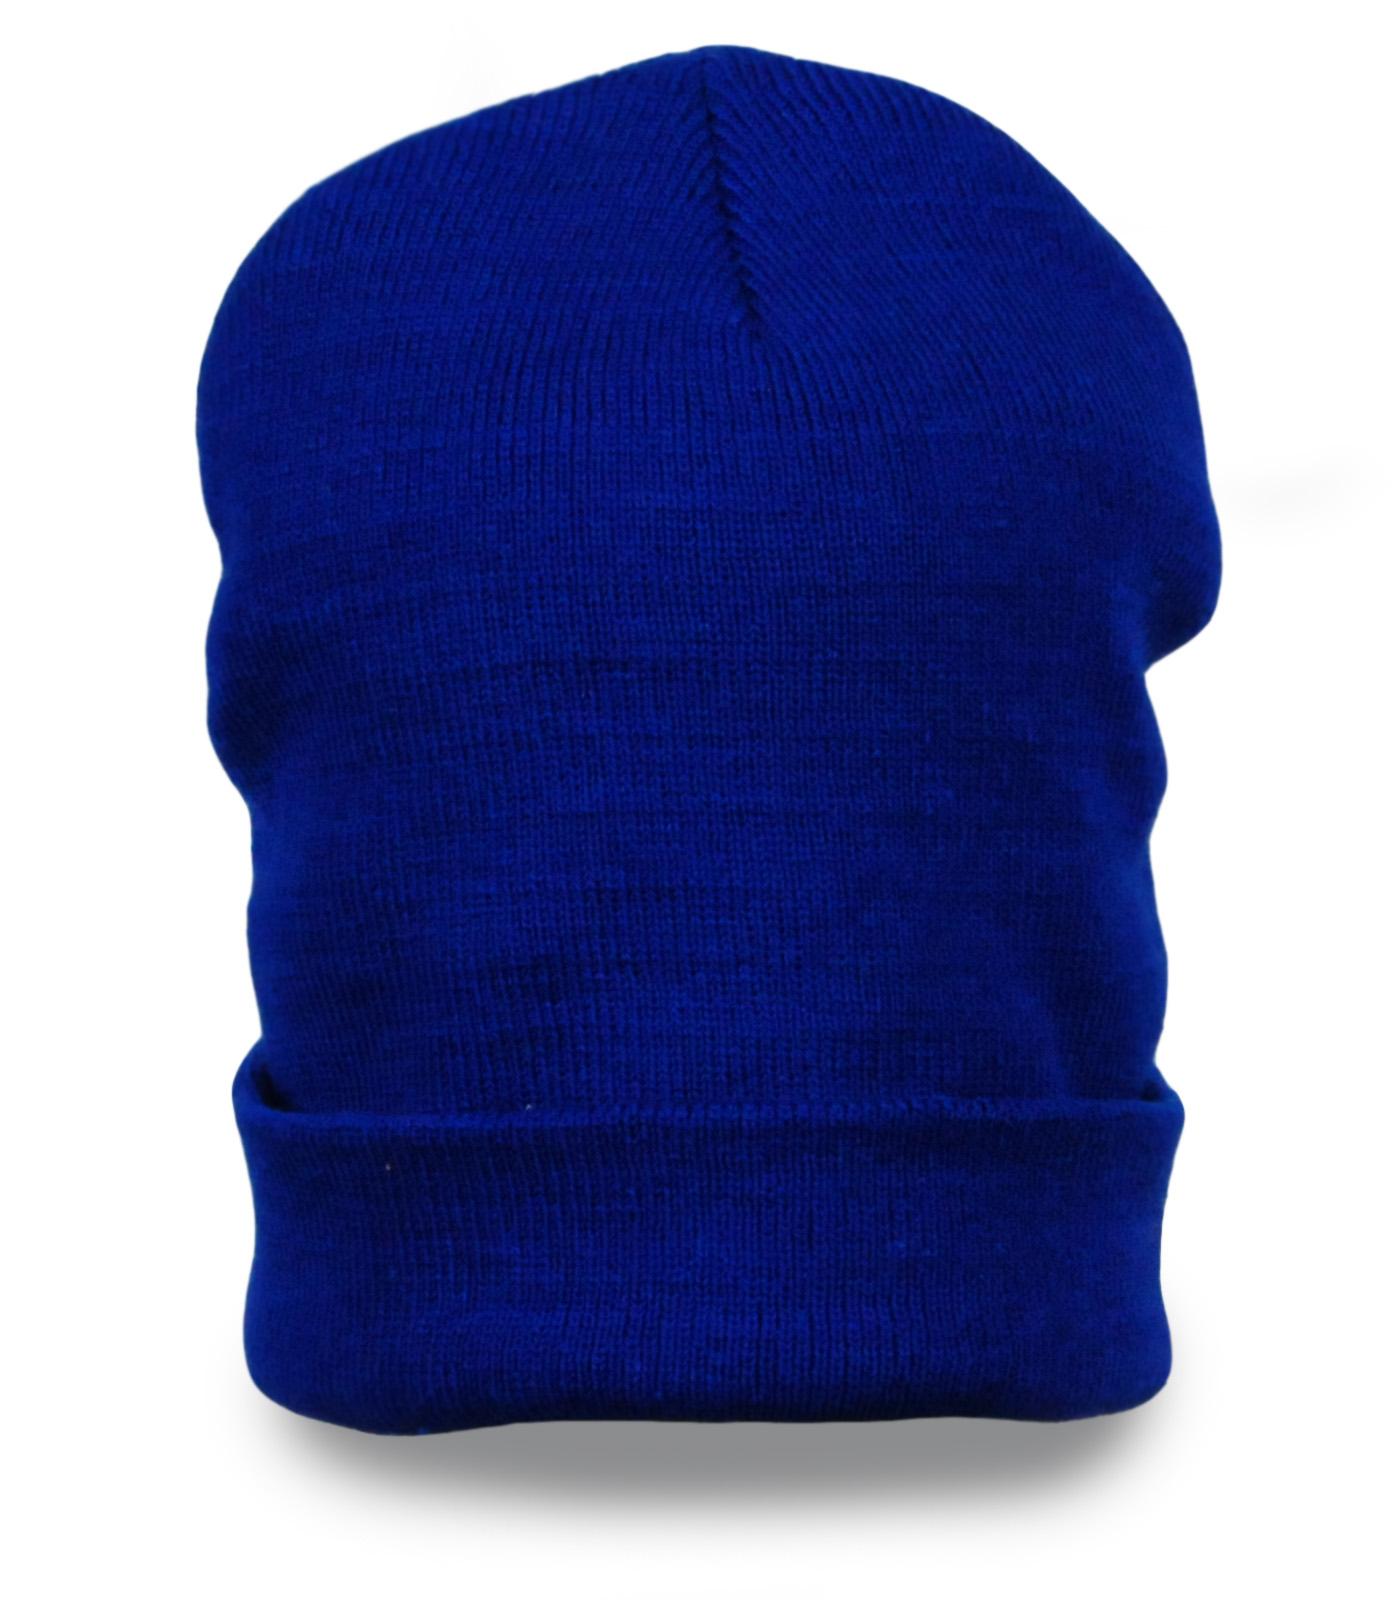 Однотонная шапка чулок (носок) - унисекс